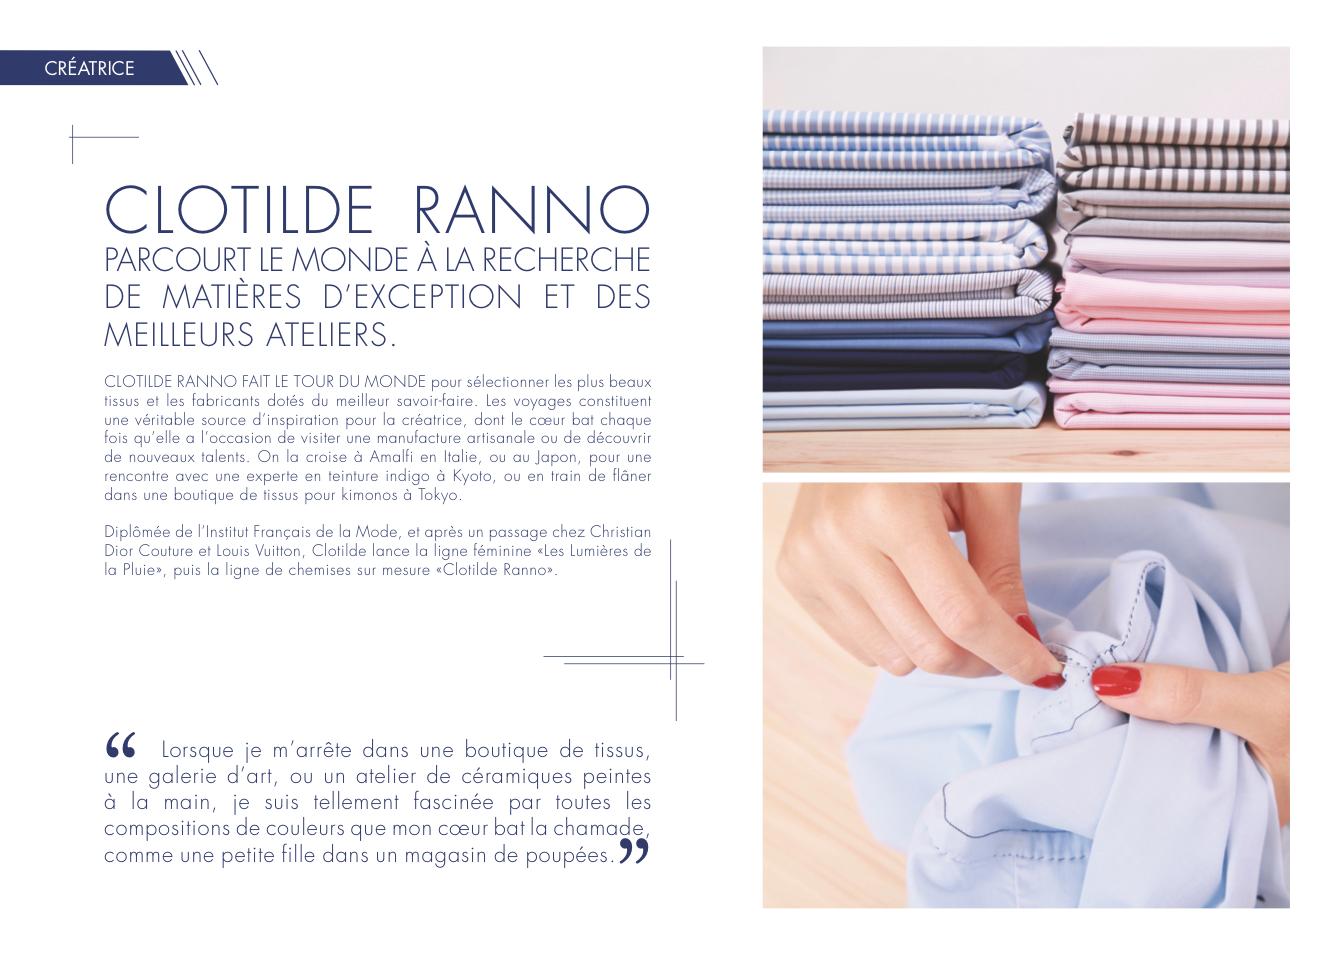 Clotilde Ranno